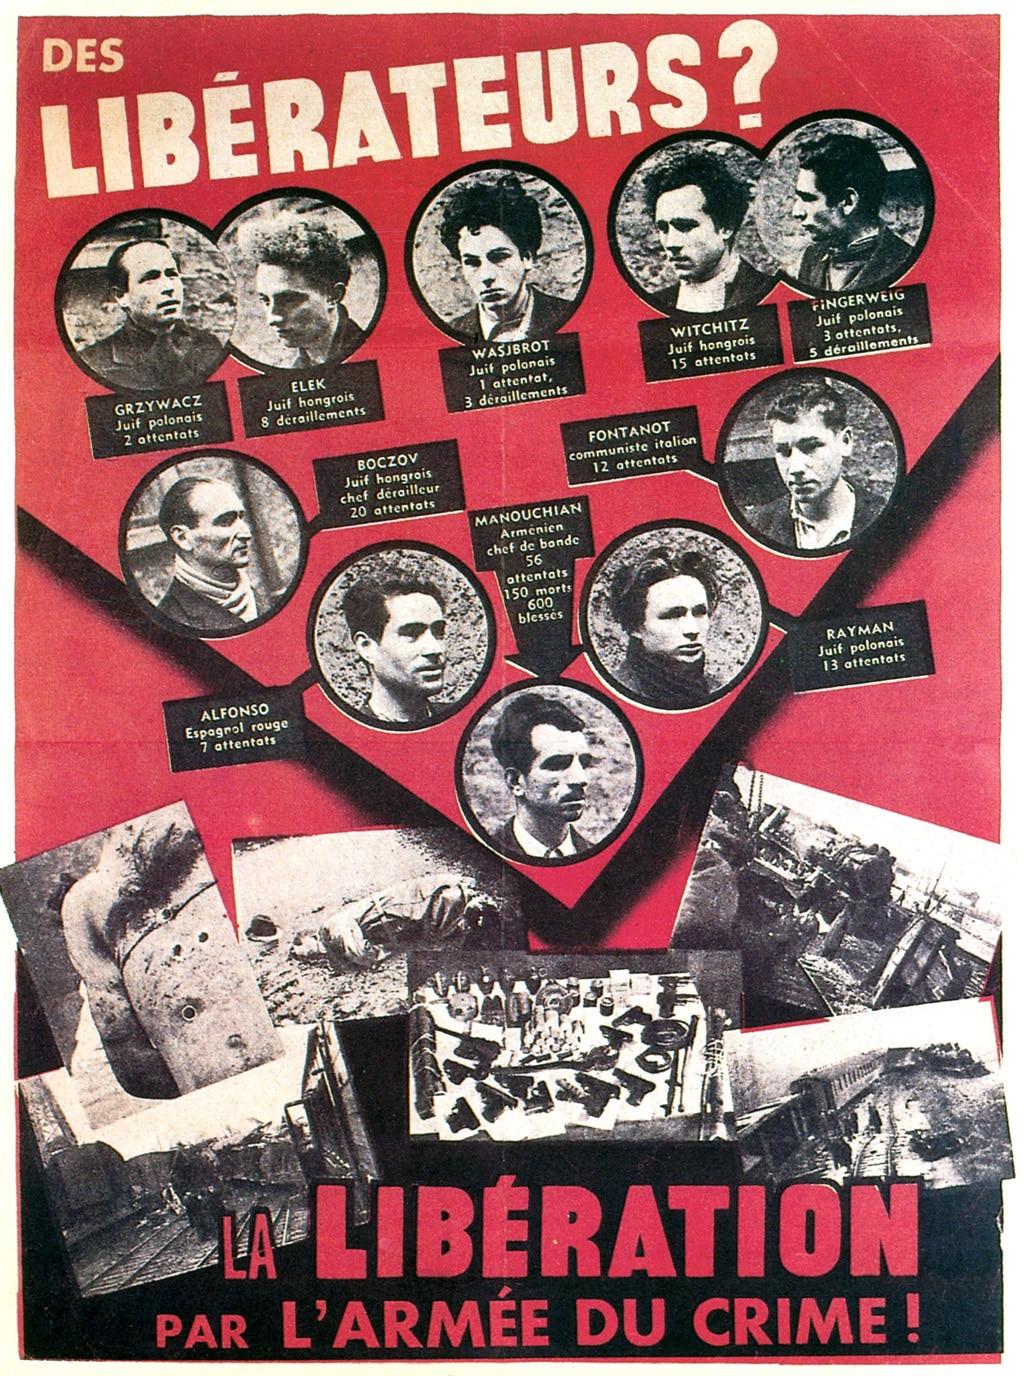 """Il celebre """"Affiche rouge"""", manifesto di propaganda nazista diffuso a Parigi nel 1944, dopo l'esecuzione di 23 membri del gruppo Franchi tiratori partigiani - mano d'opera immigrata (Ftp-Moi). Sulla destra, il monfalconese Spartaco Fontanot. -"""